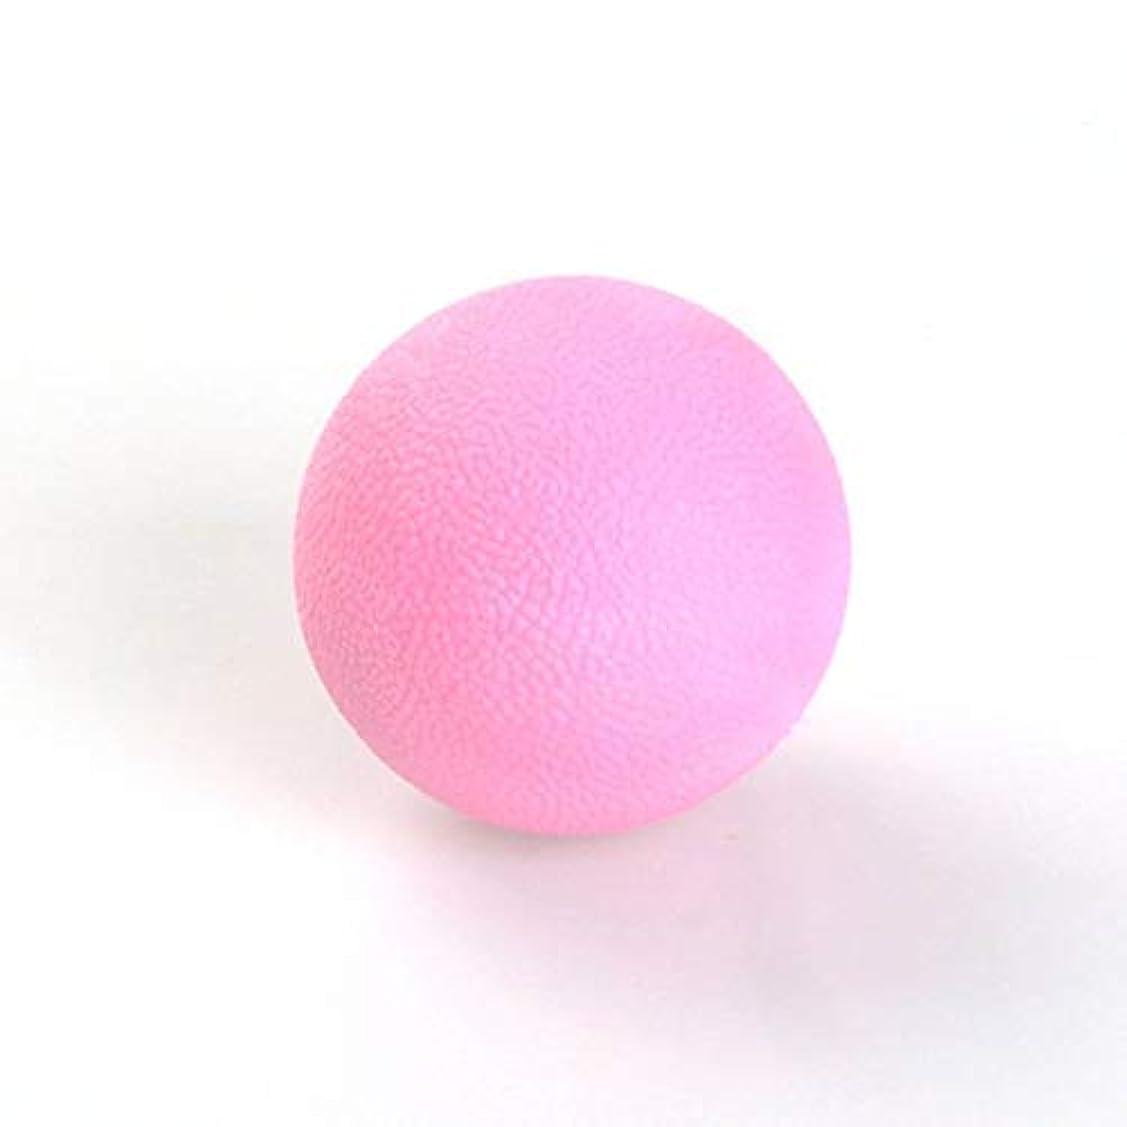 滑る富落ち着いた65ミリメートルマッサージボール筋筋膜トリガーポイントボディ疲労フィットネスボールを和らげます